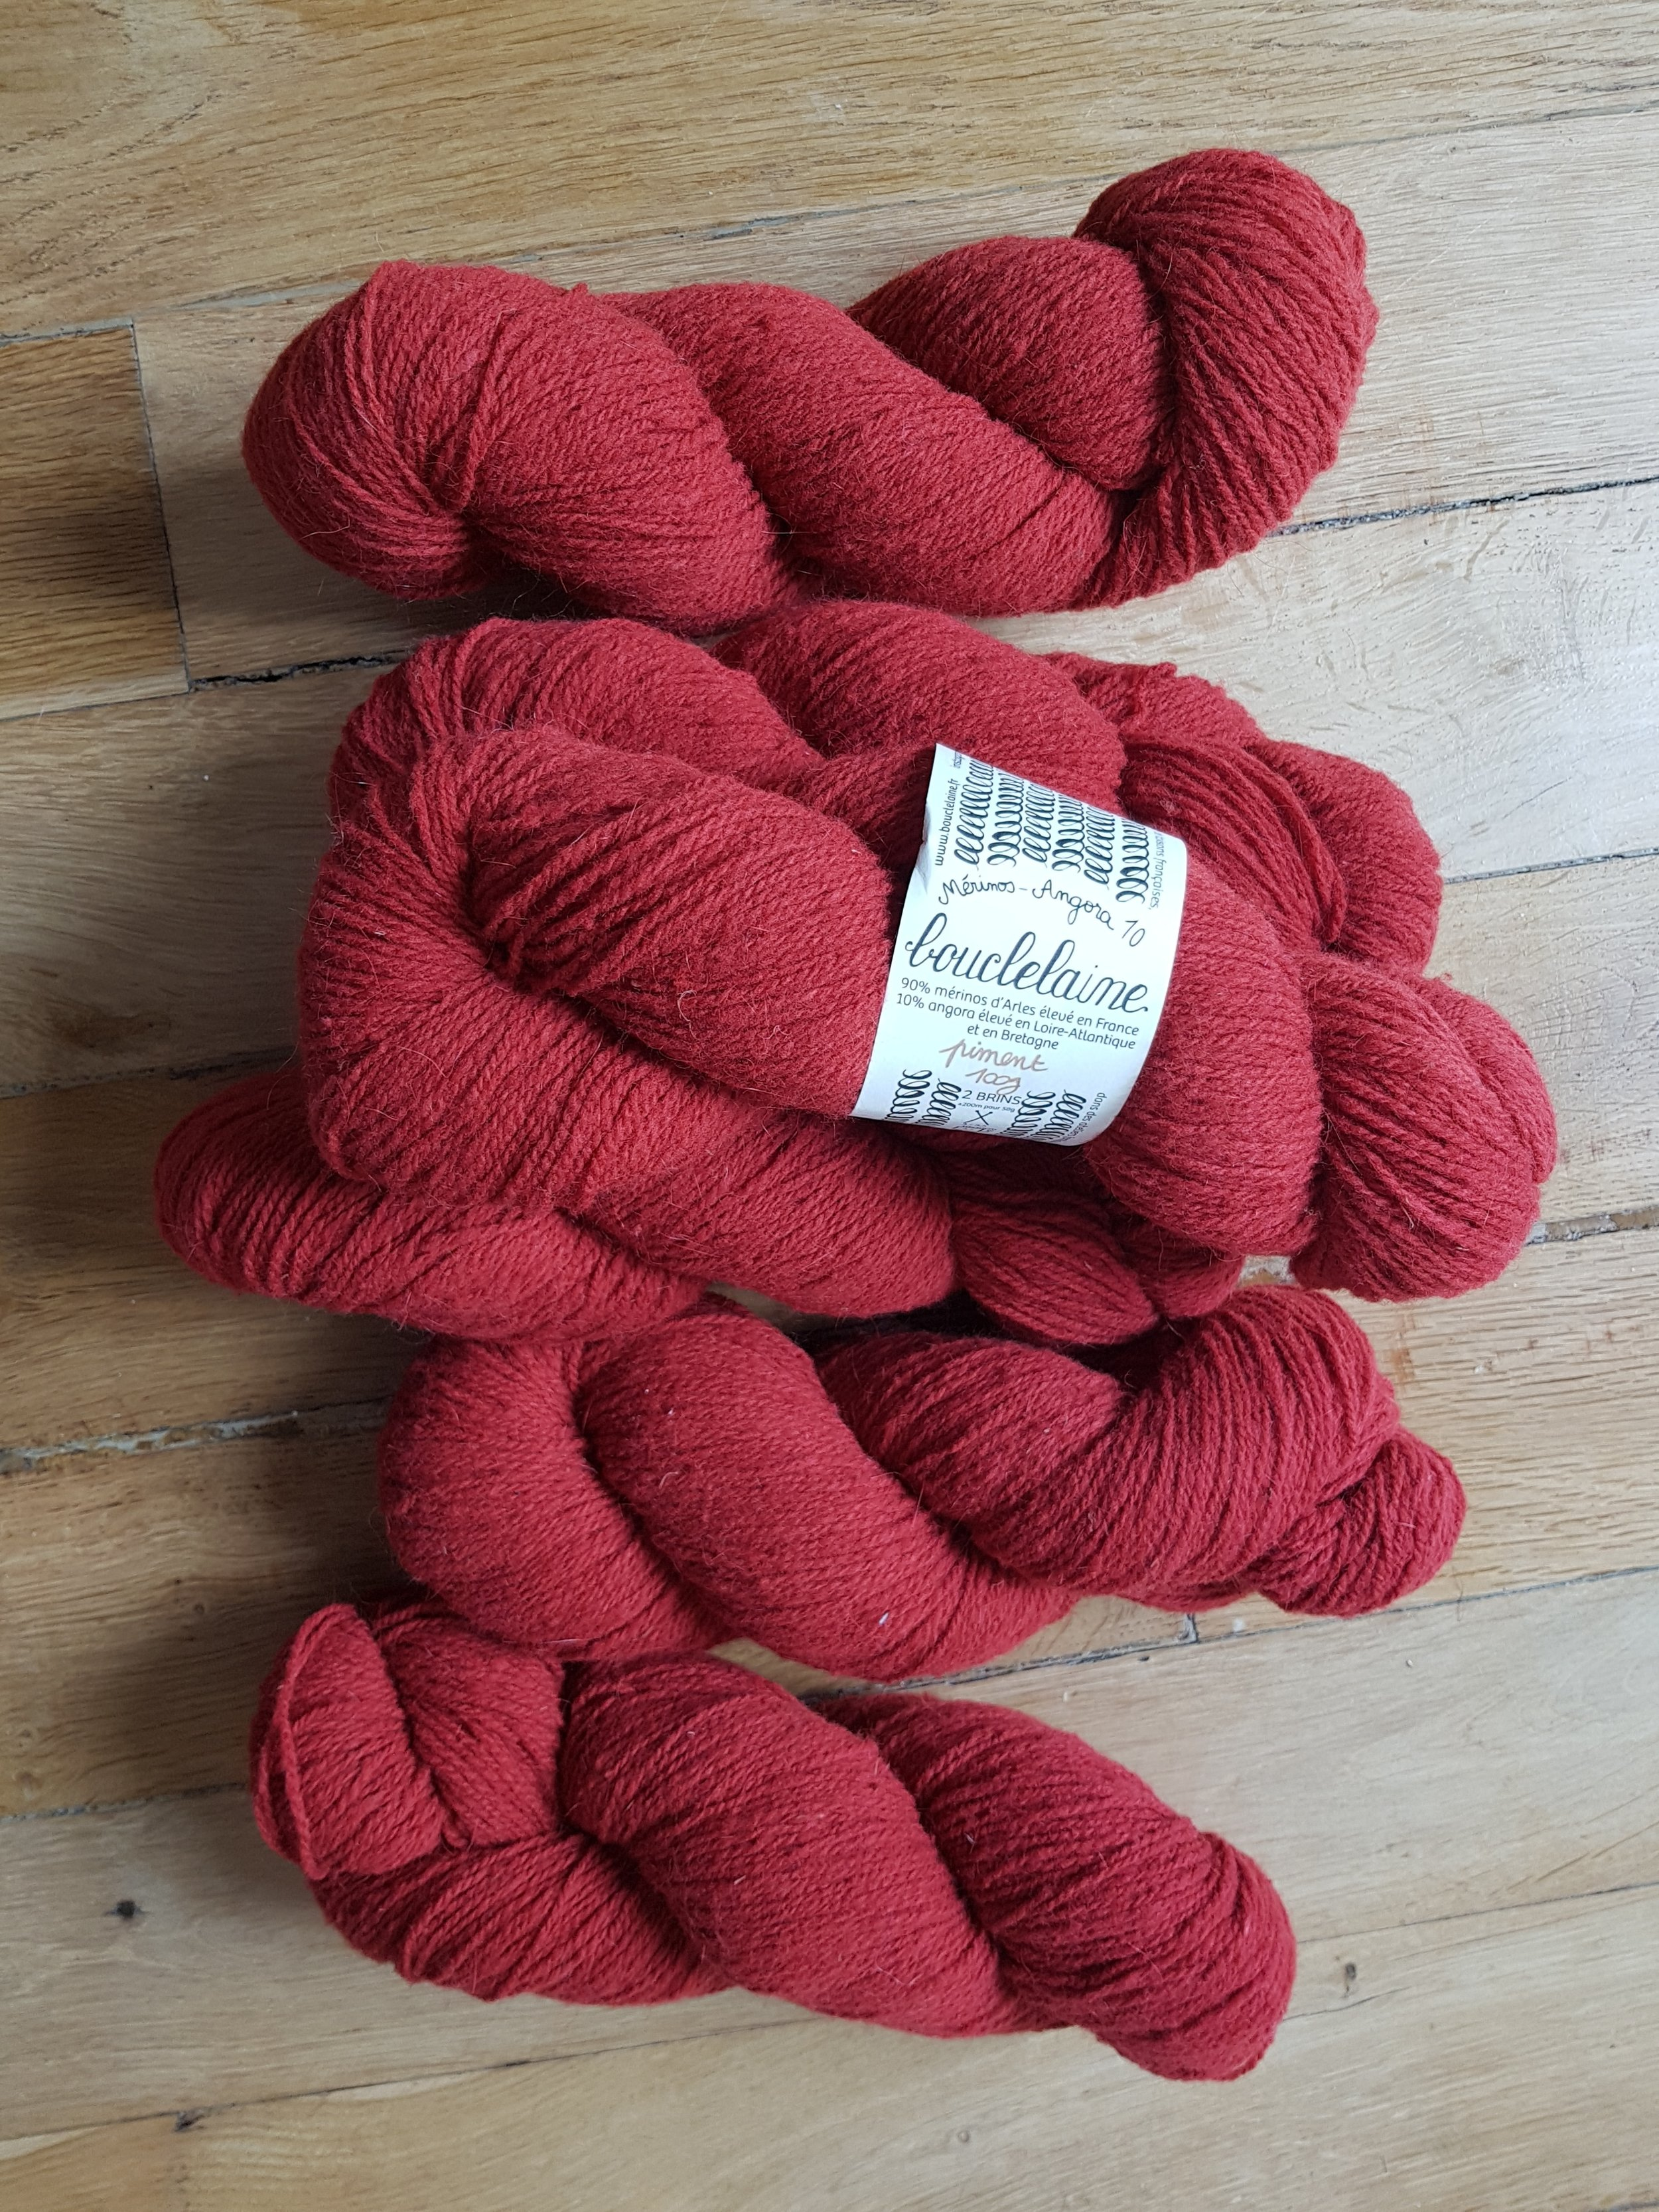 Mon dernier coup de cœur, la belle Merino Angora Bouclelaine achetée au Kint Eat… Comme je me suis un peu avancée en promettant un pull à Arnaud qui a choisi la couleur, je vais être obligée de le faire !